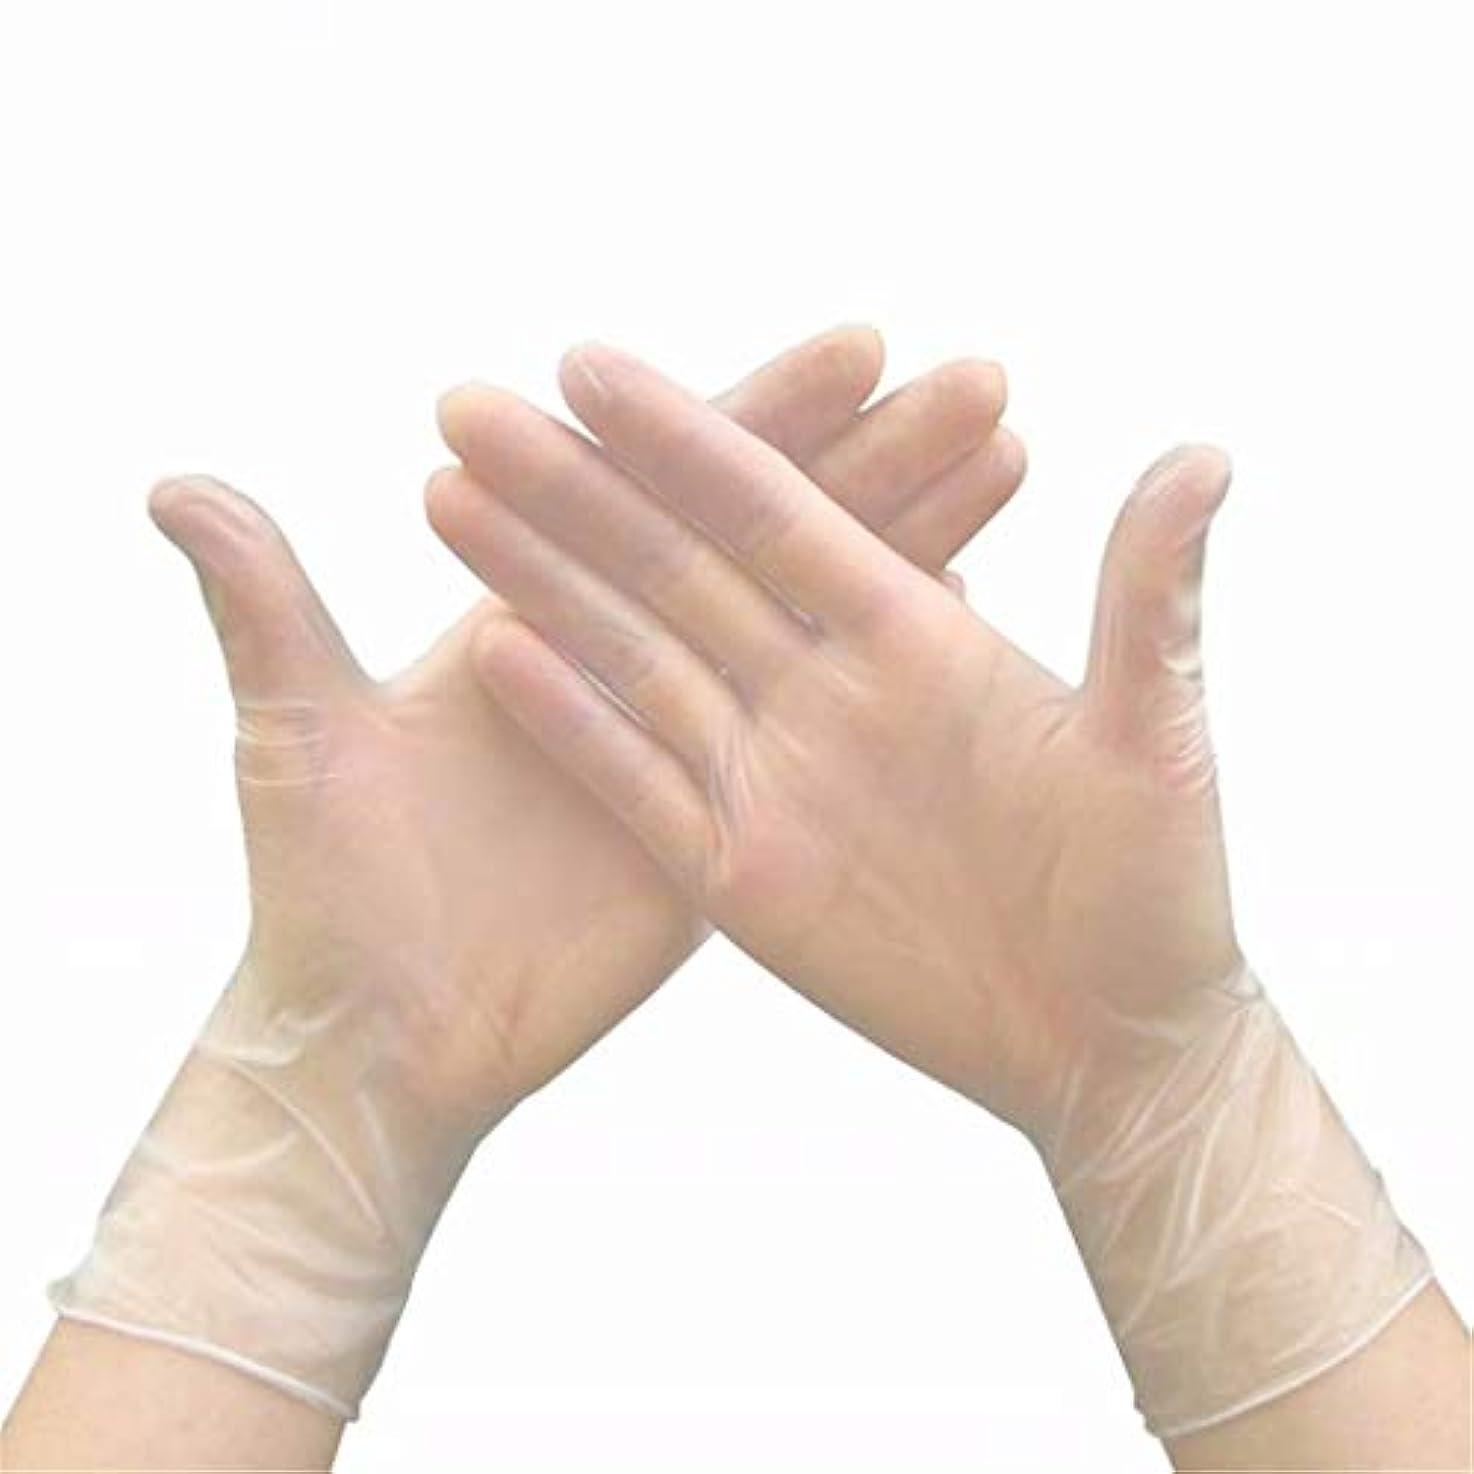 聖人セールスマンぎこちない七里の香 使い捨てビニール手袋、医療試験、パウダーフリーラテックスフリー、アレルギーフリー 20pcs/Box